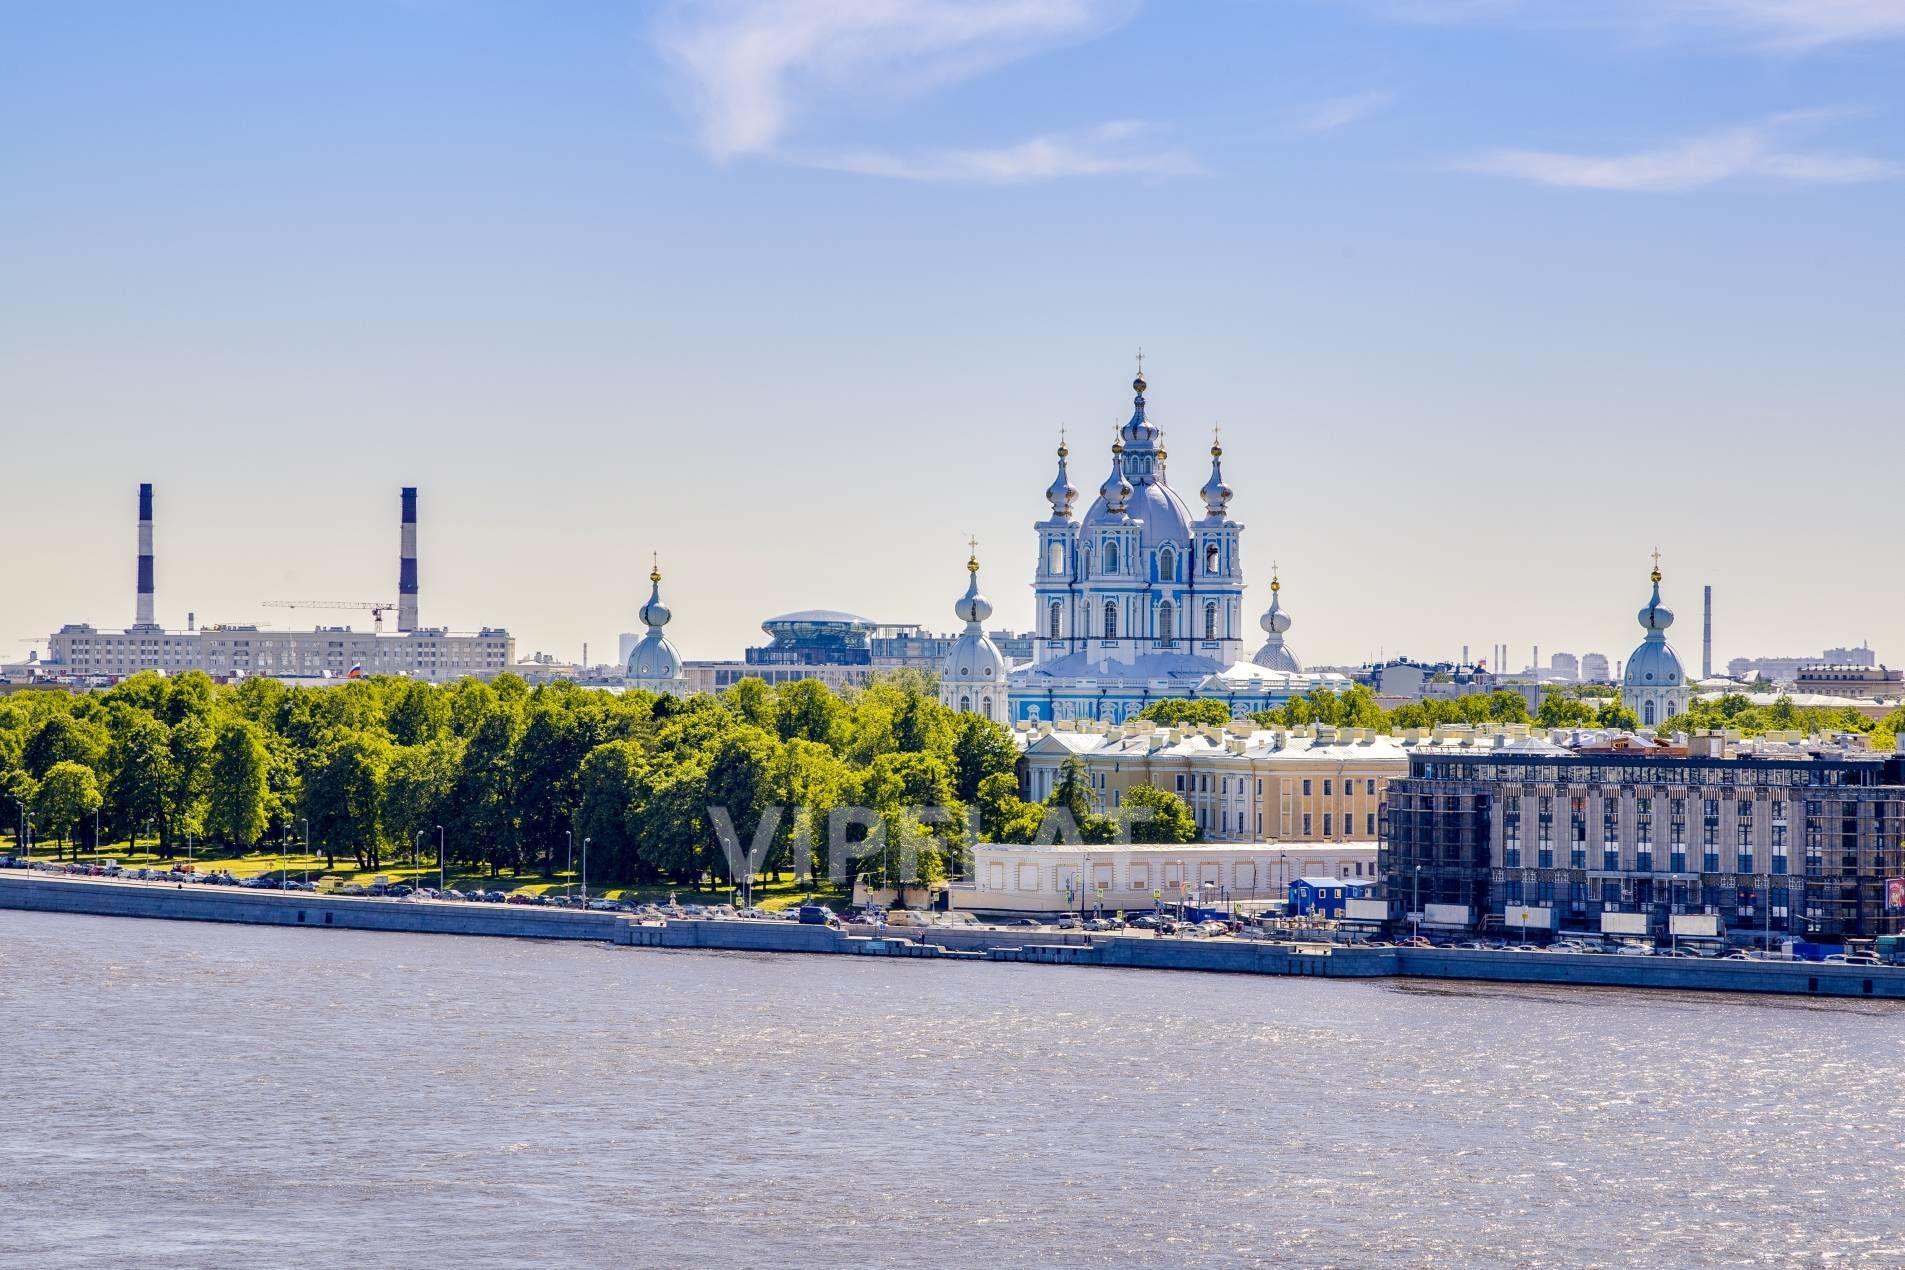 Продажа элитных квартир Санкт-Петербурга. Пискаревский пр., 1 Смольный собор напротив